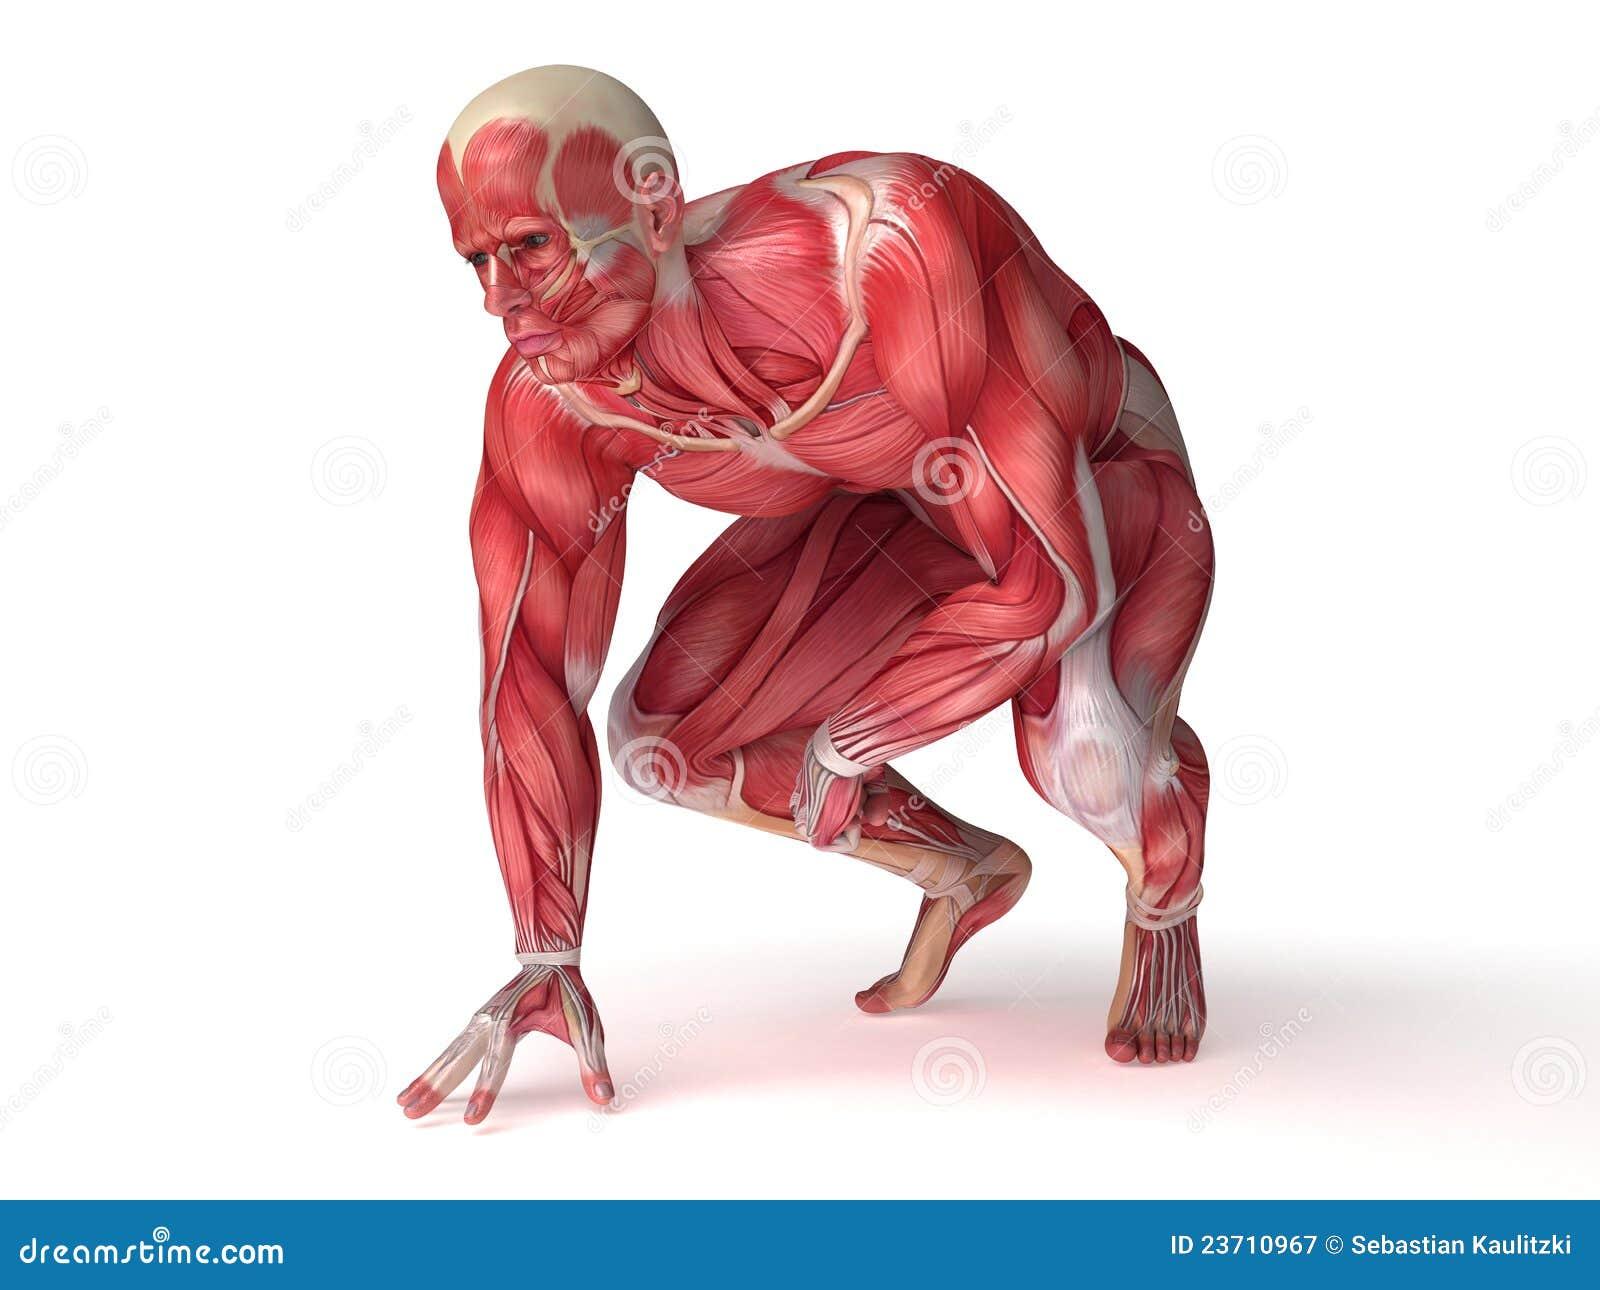 Männliche Muskelanatomie stock abbildung. Illustration von mann ...